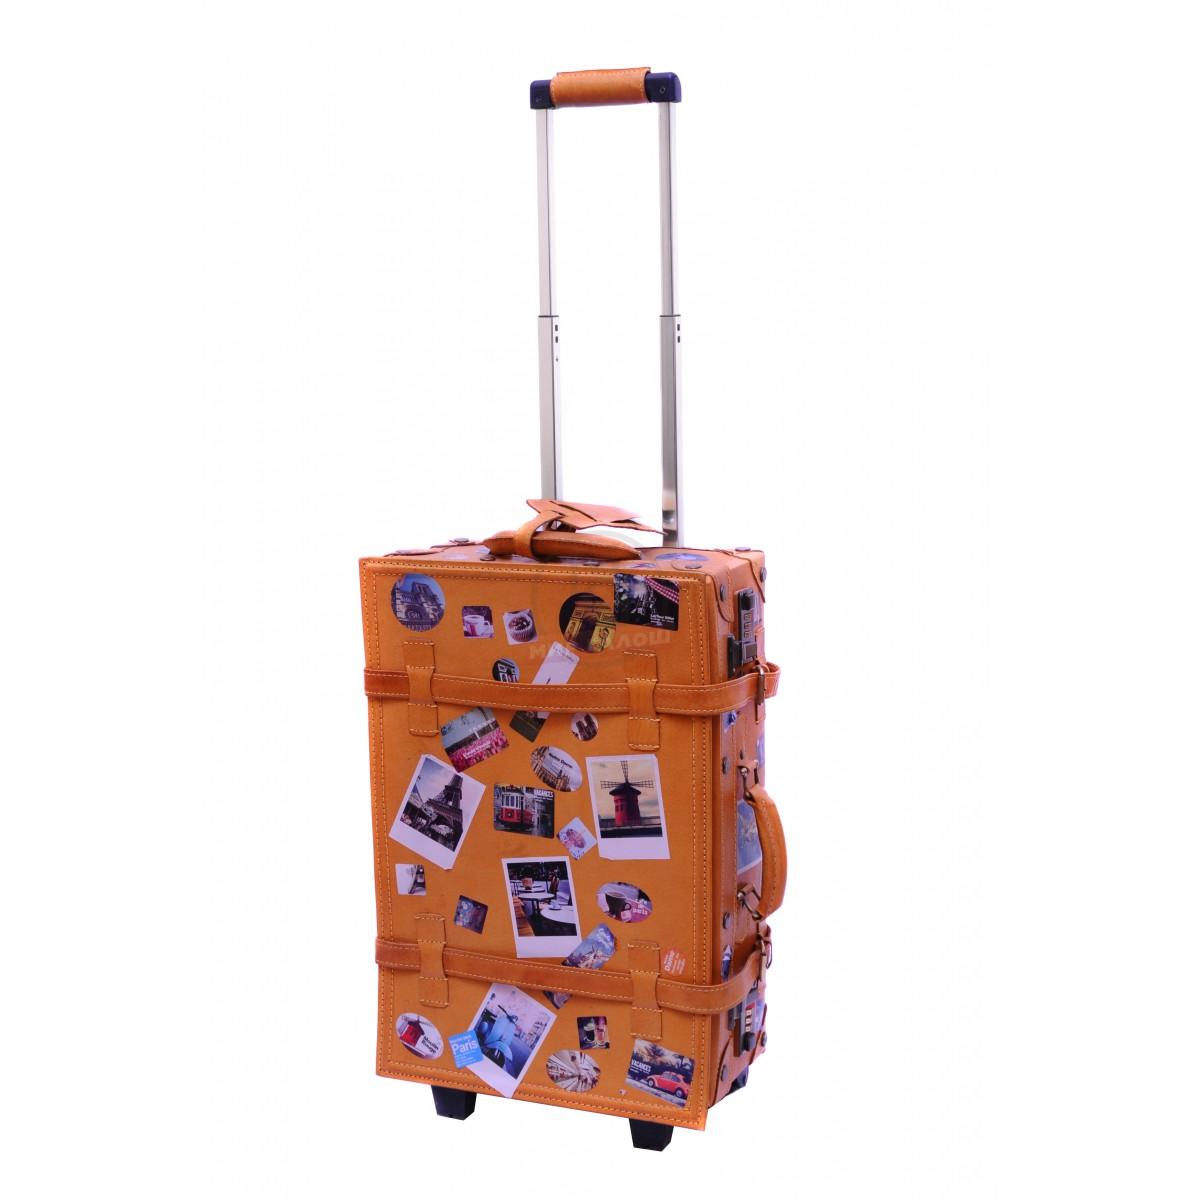 Дорожный чемодан на колесах Suitcase №7